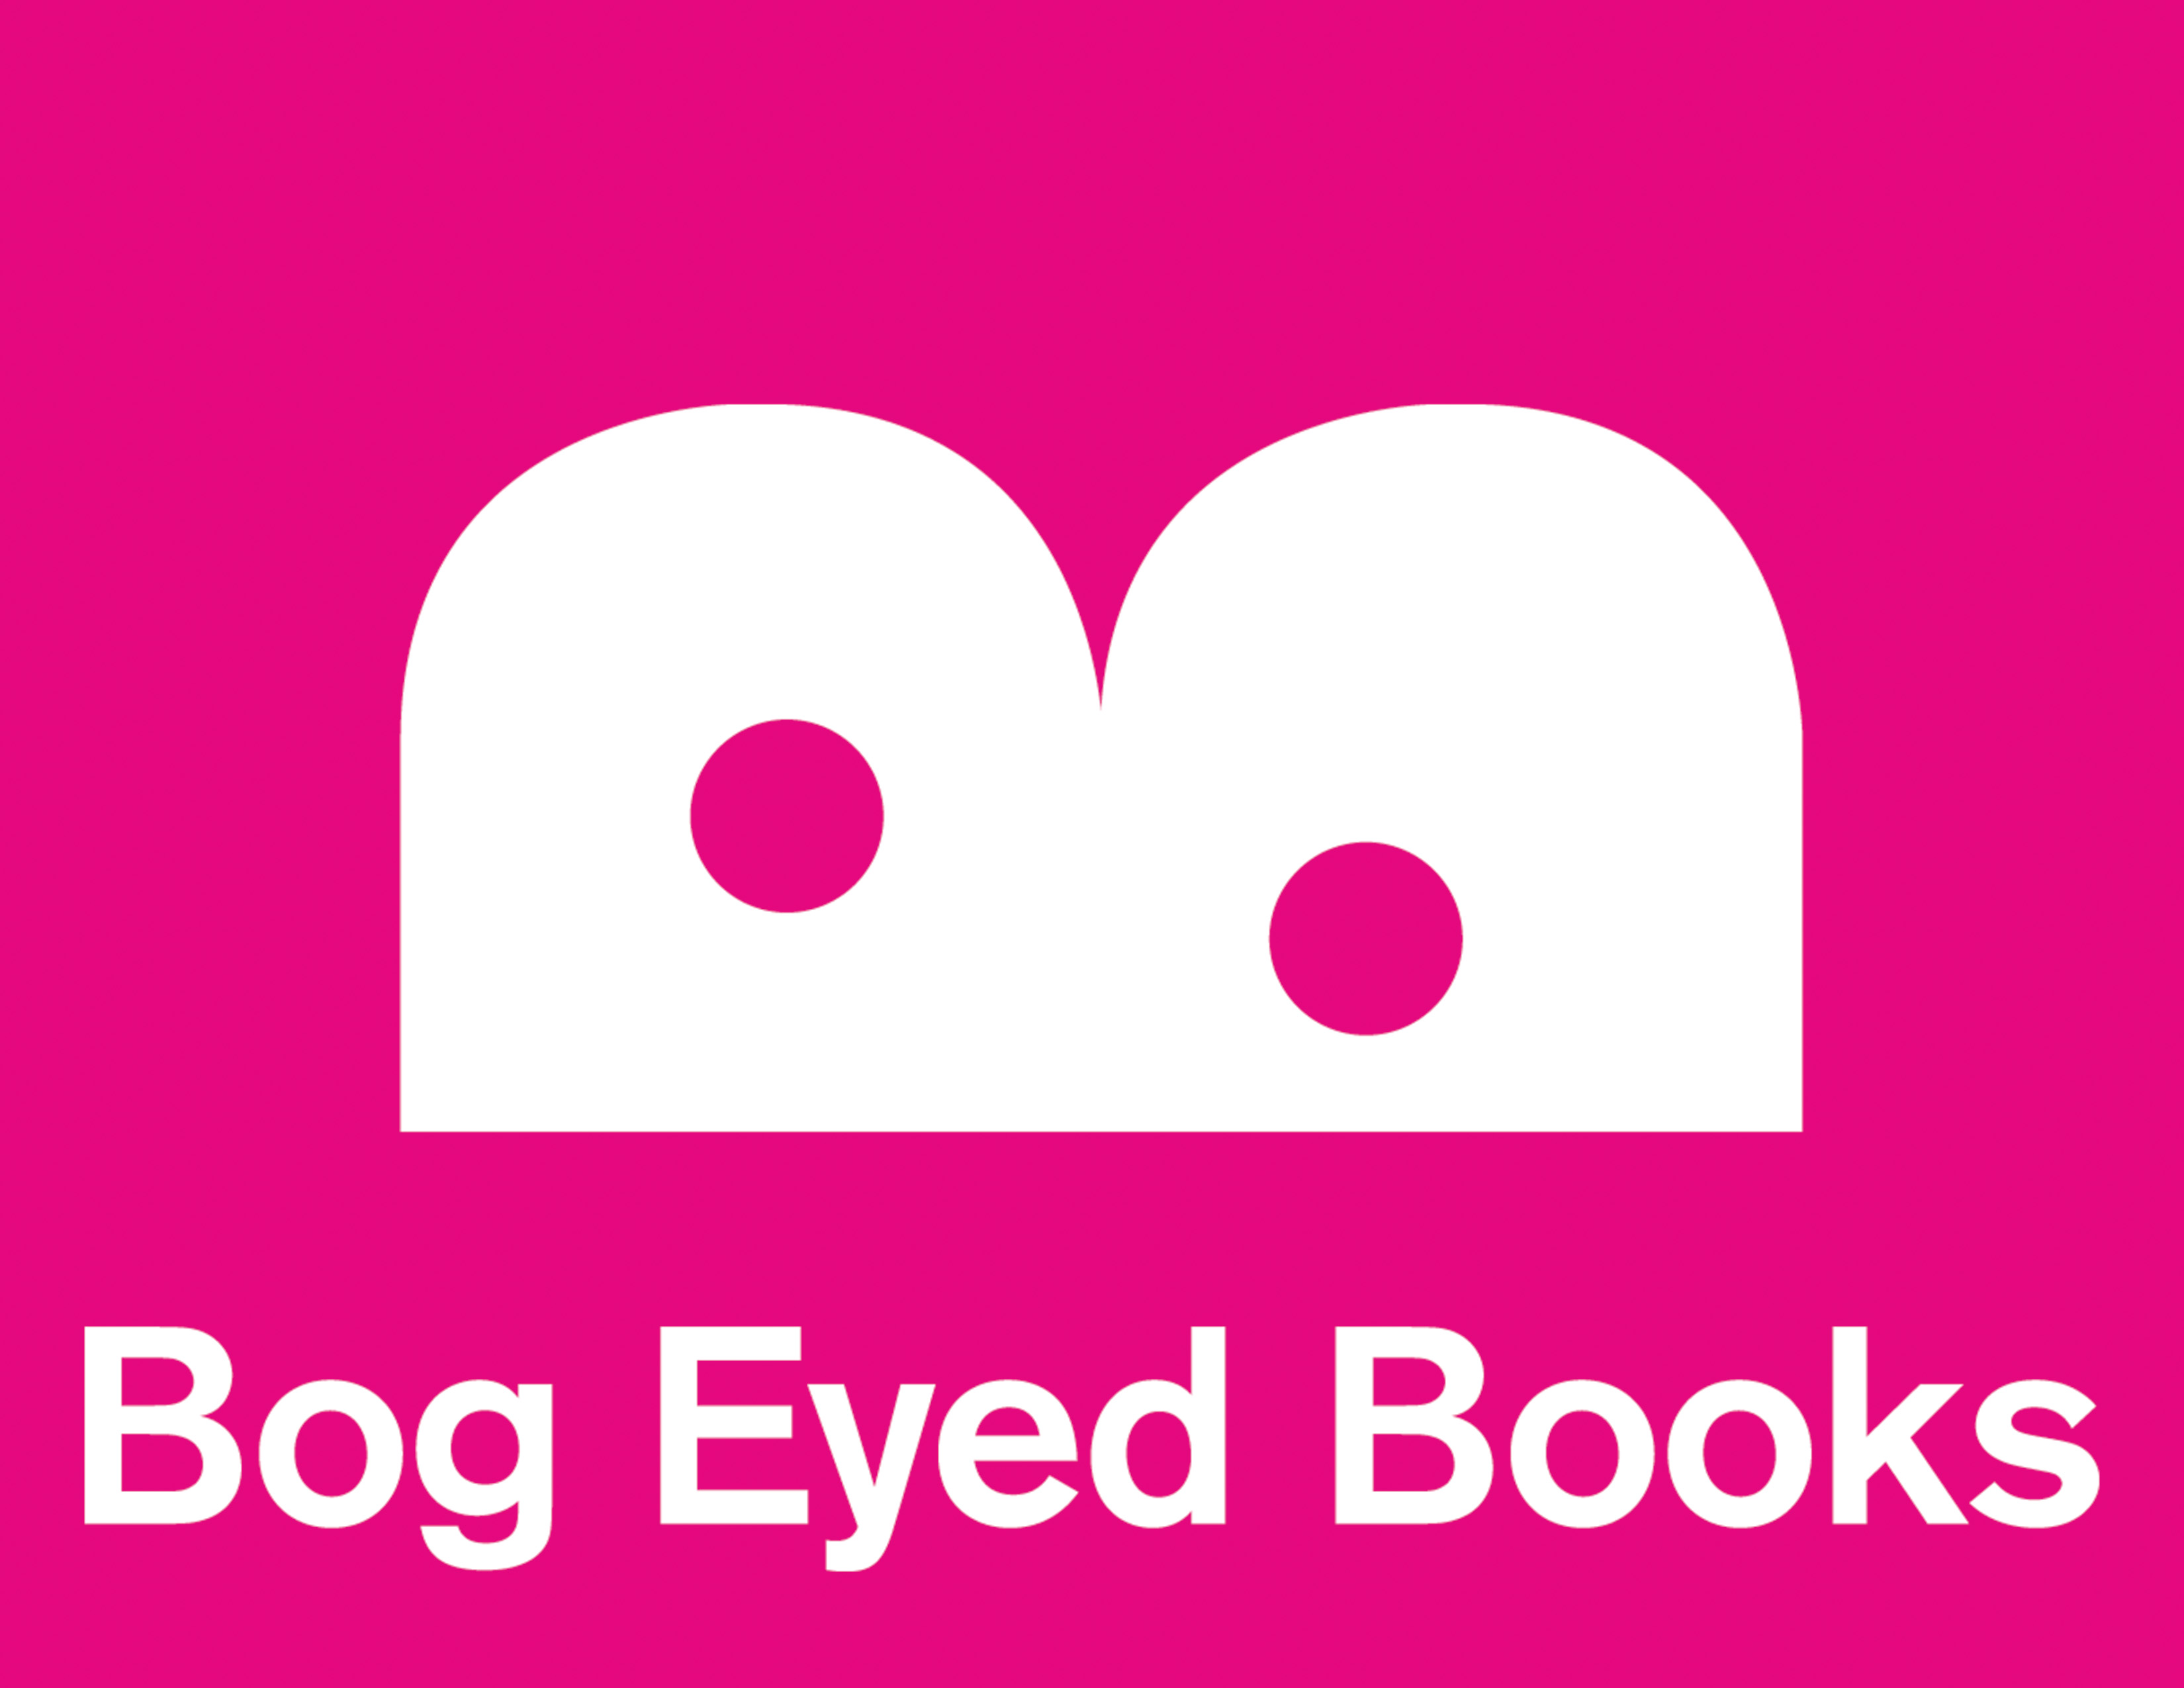 bog eyed books logo